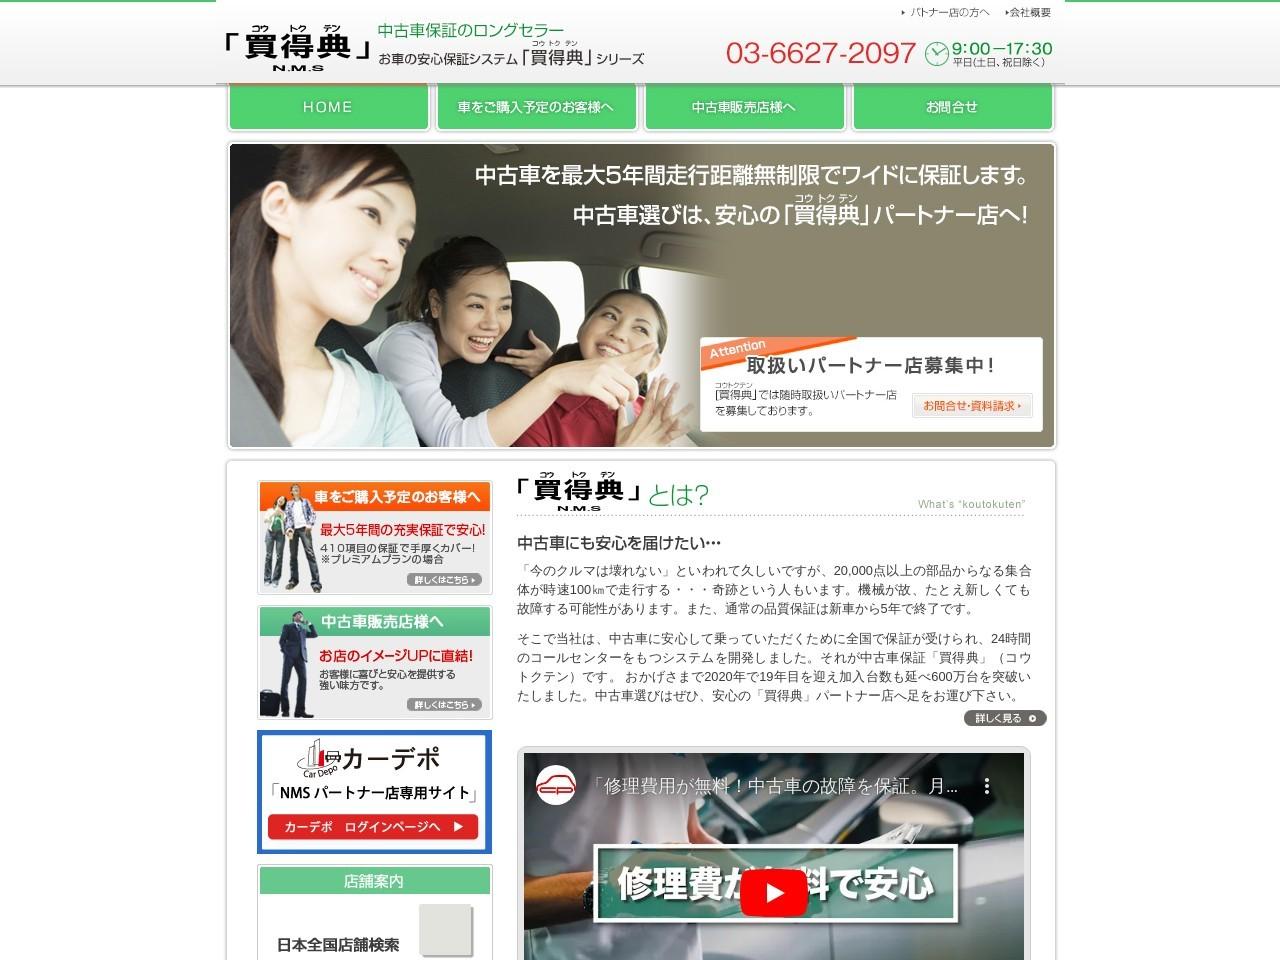 ニッポンメンテナンスシステム株式会社